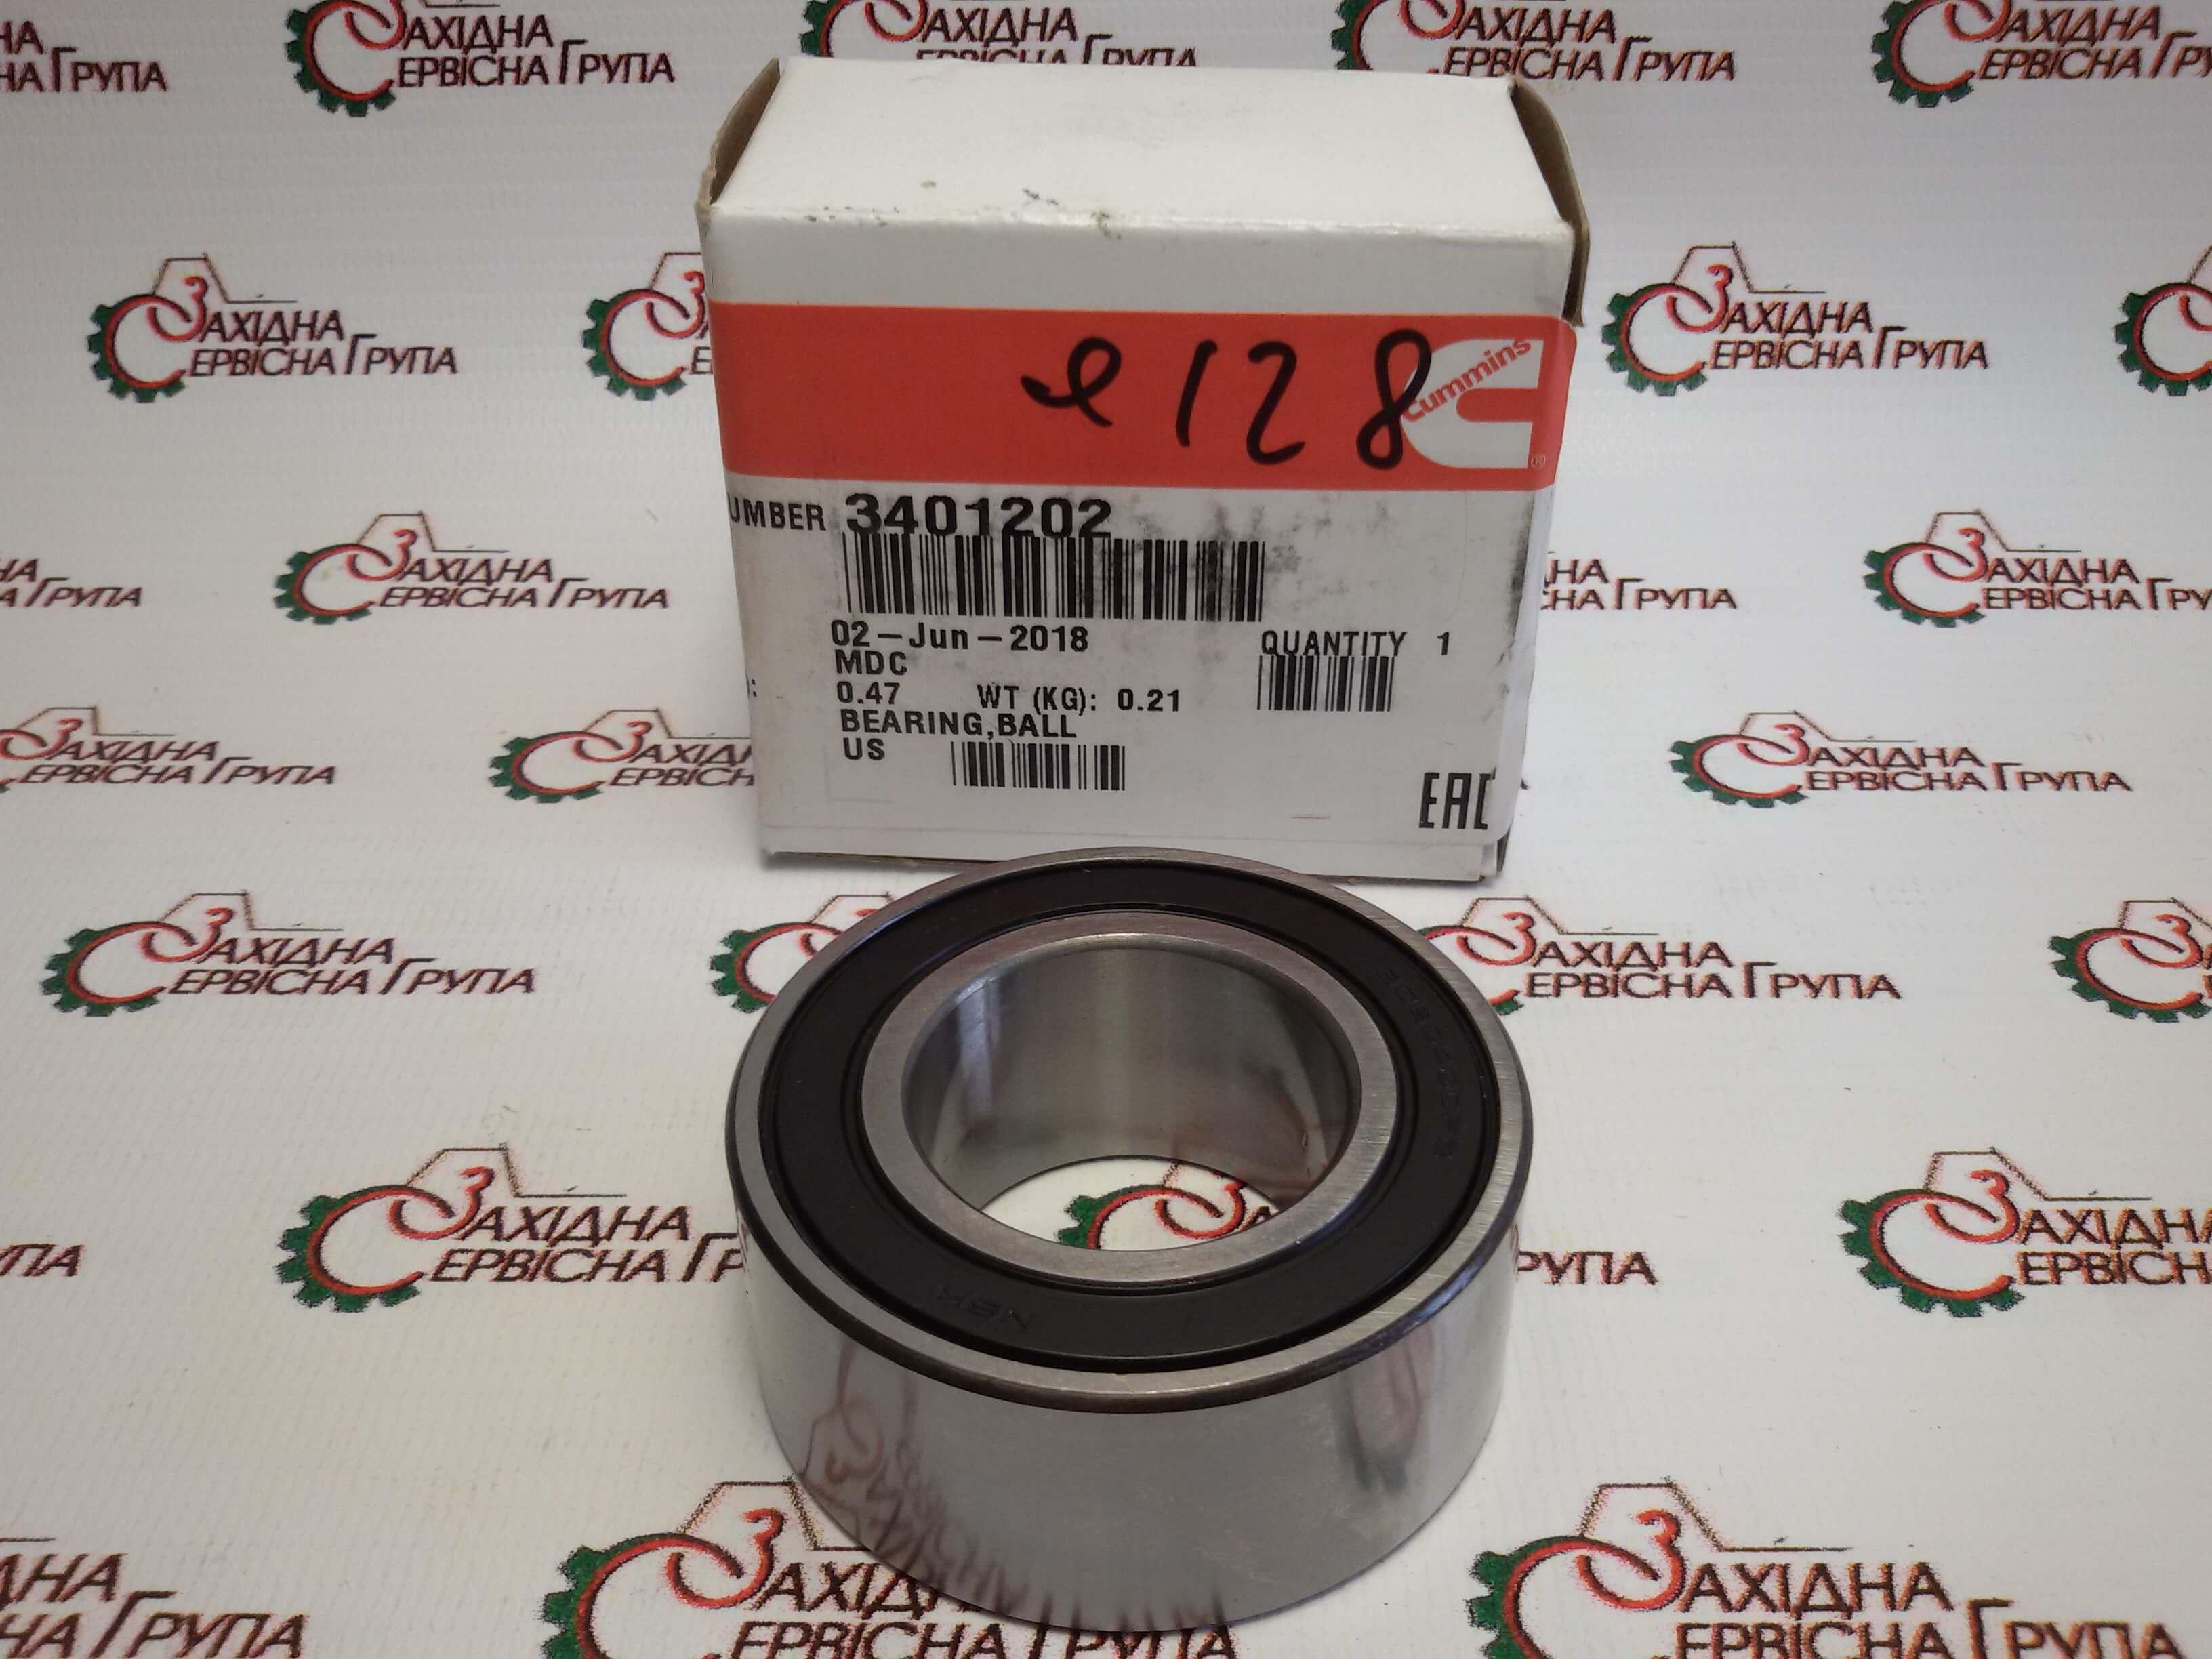 Подшипник промежуточного ролика ремня генератора Cummins ISM11, QSM11, 3401202.